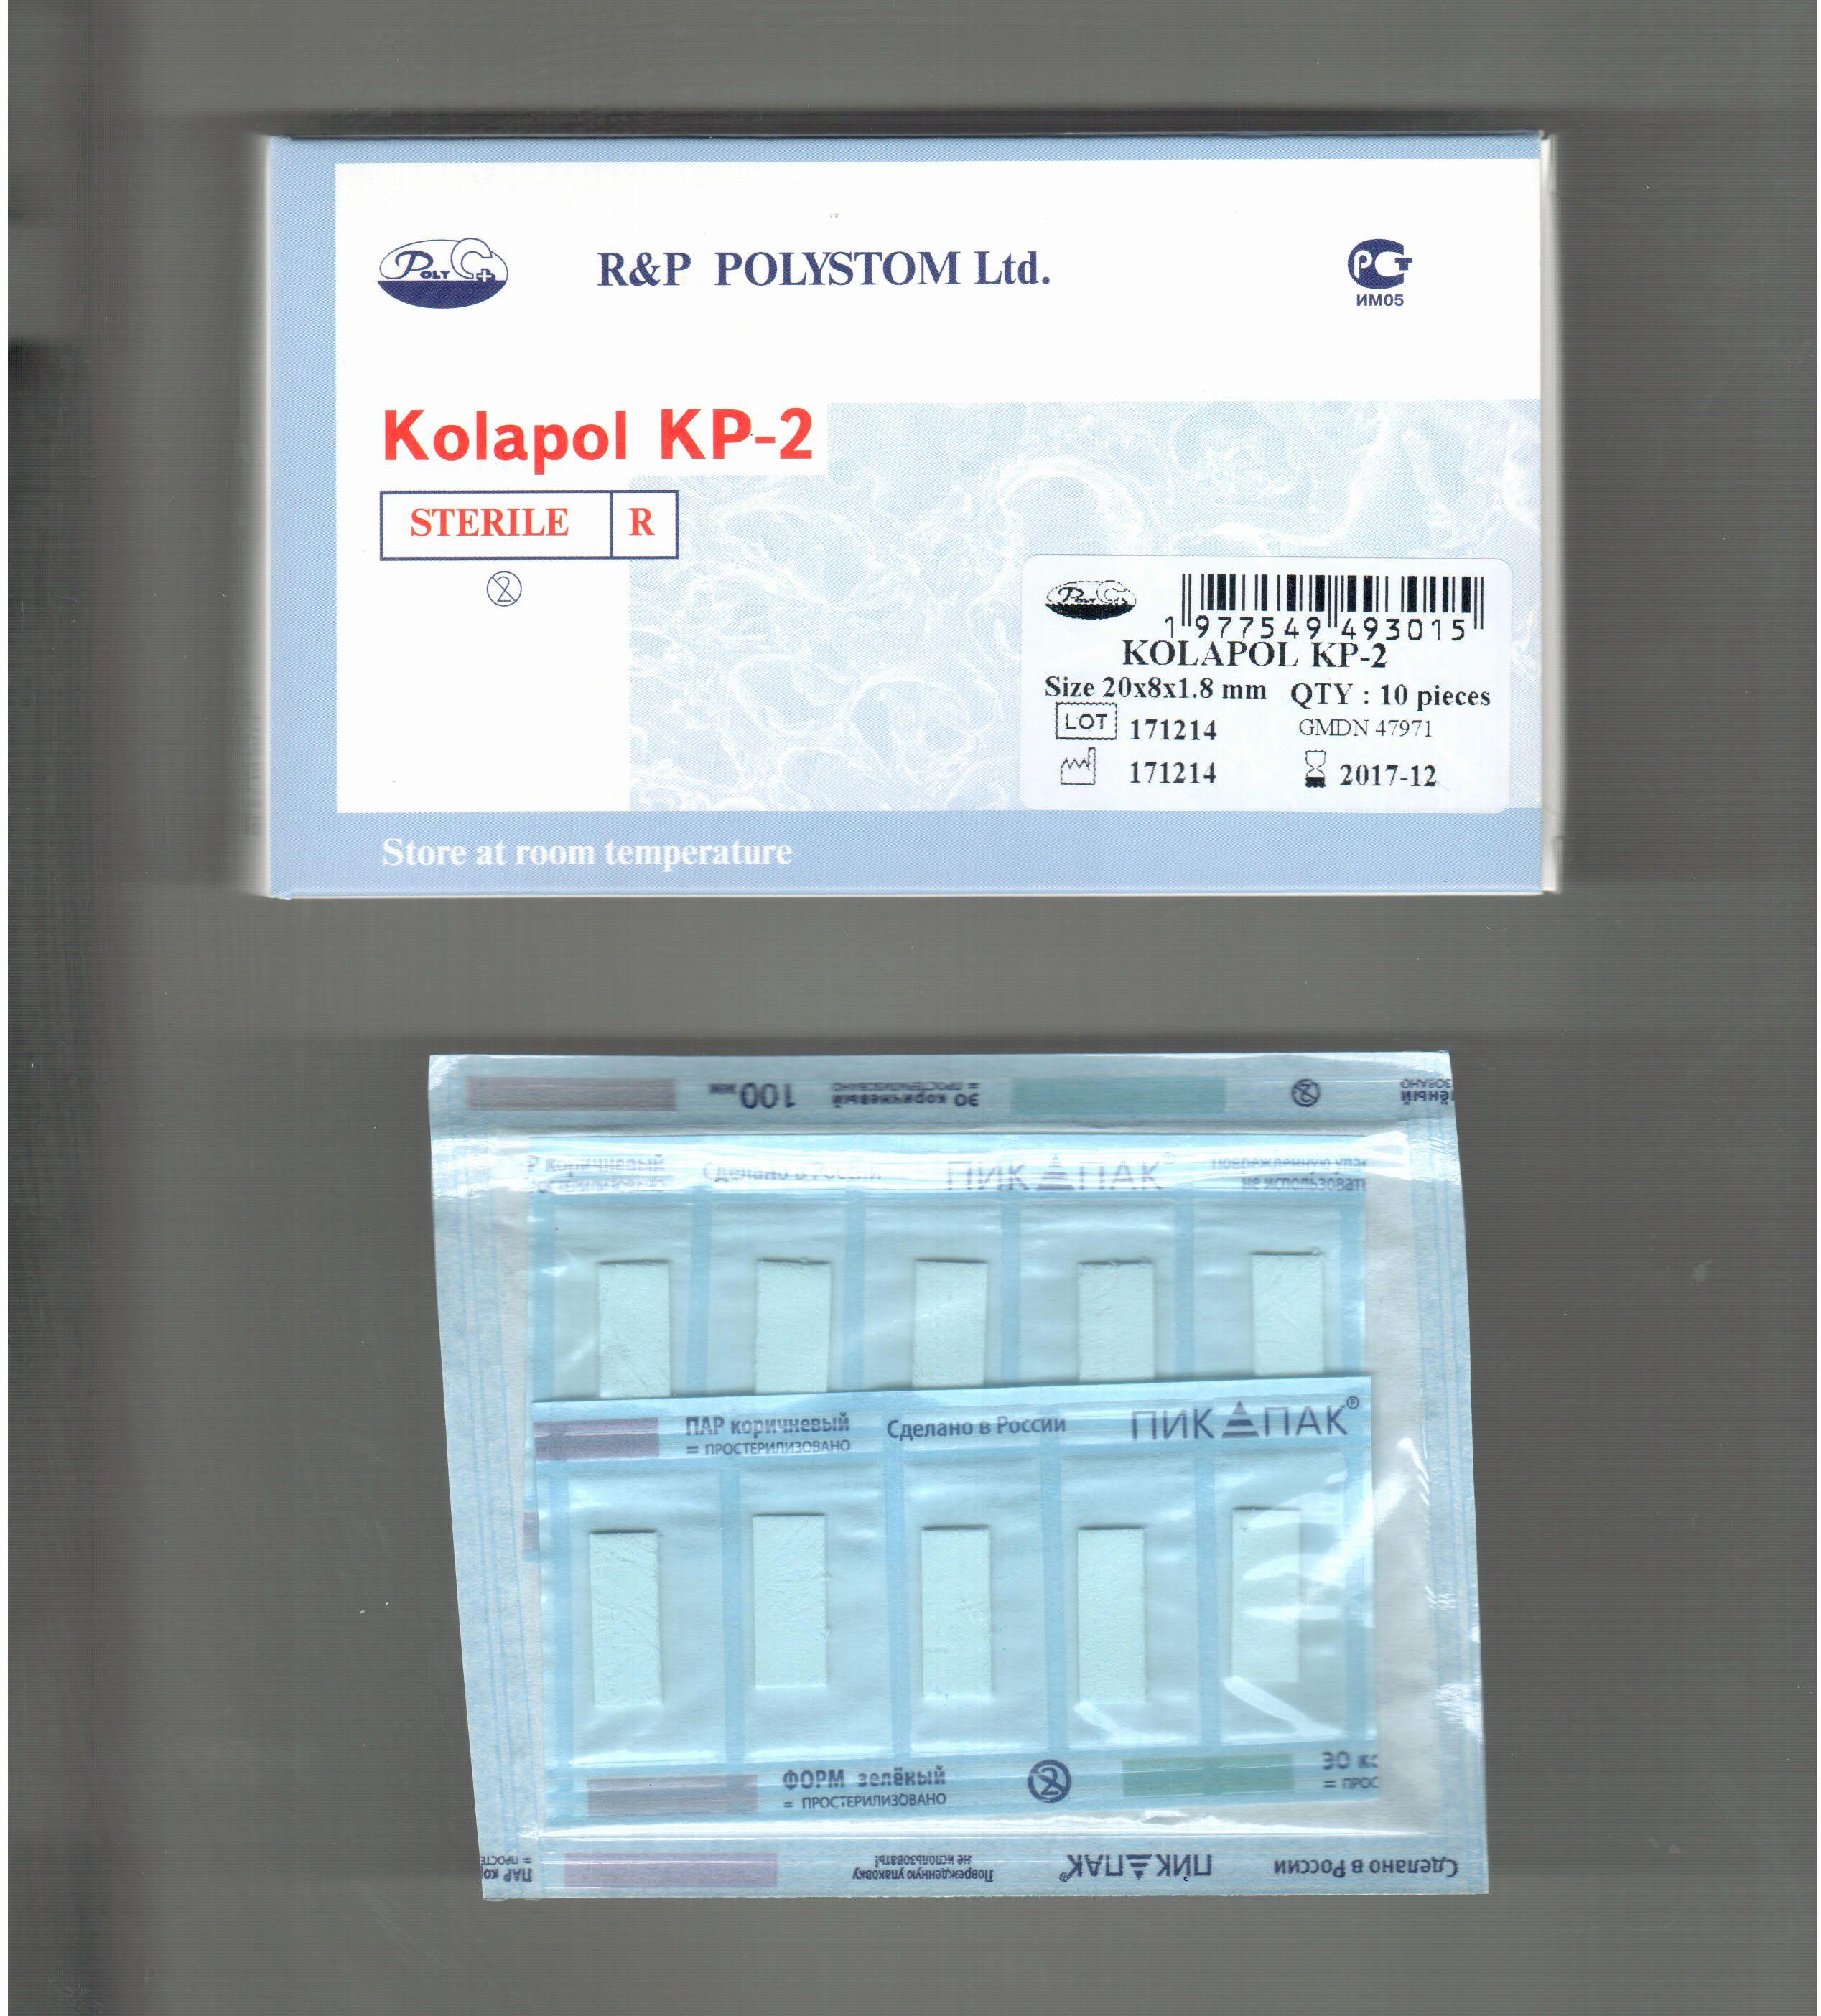 KOLAPOL KP-2